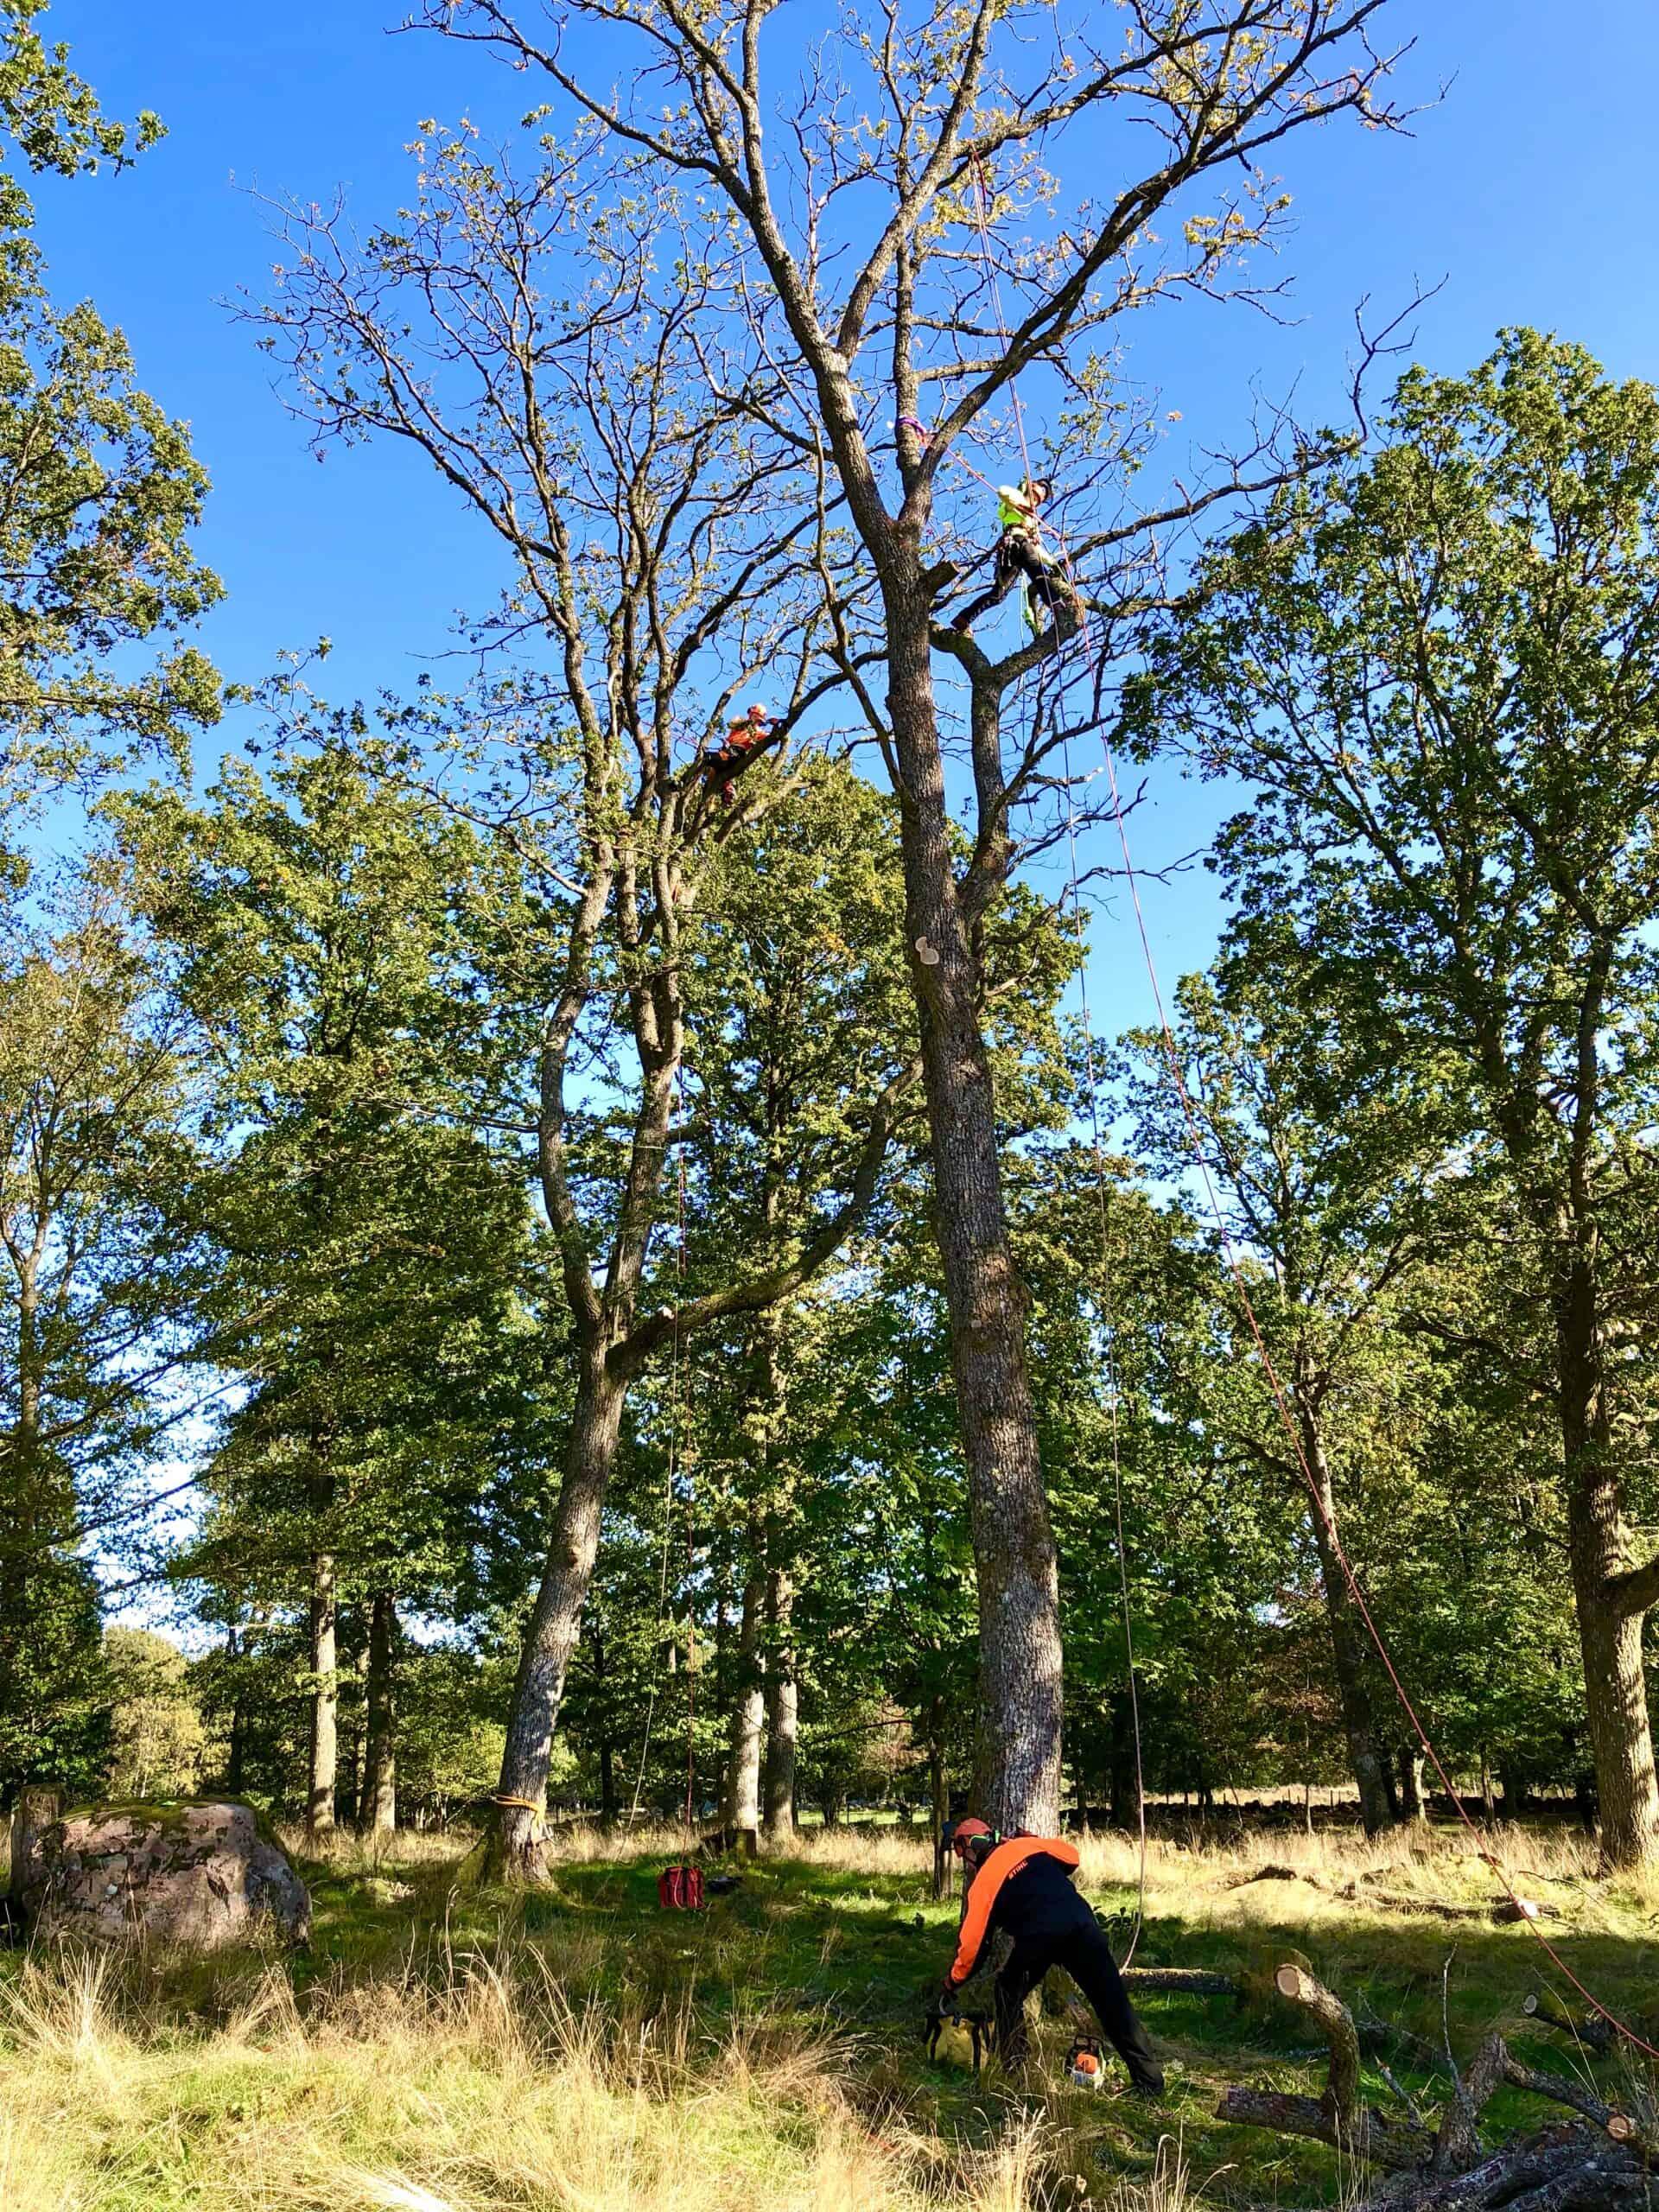 Beskärning av träd i Halland - Halmstad Falkenberg Varberg